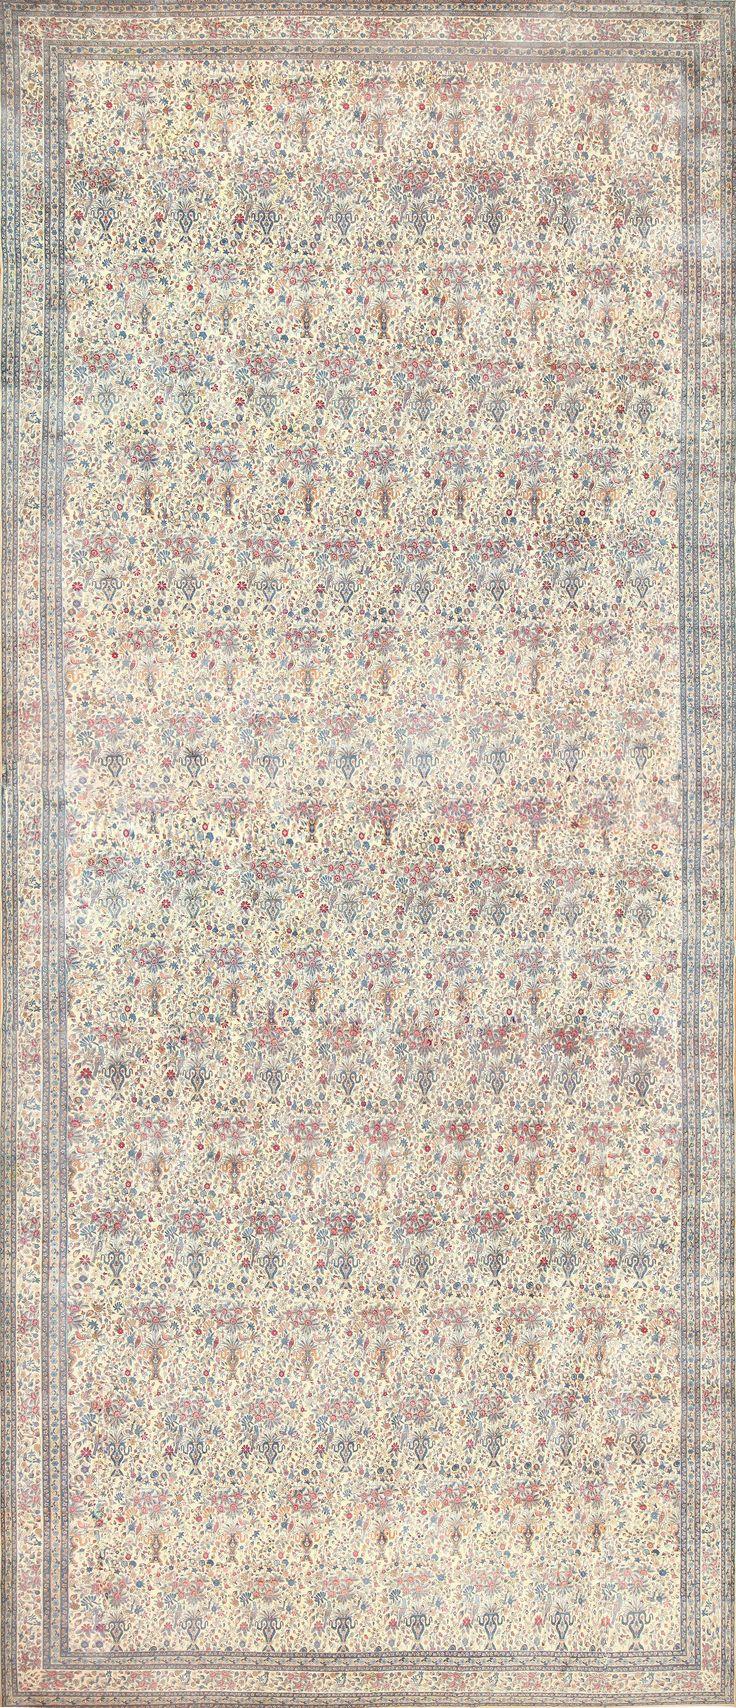 Antique Persian Kerman Rug, Country of Origin / Rug Type: Persian Rugs, Circa Date: 1920 19 ft 7 in x 41 ft (5.97 m x 12.5 m)